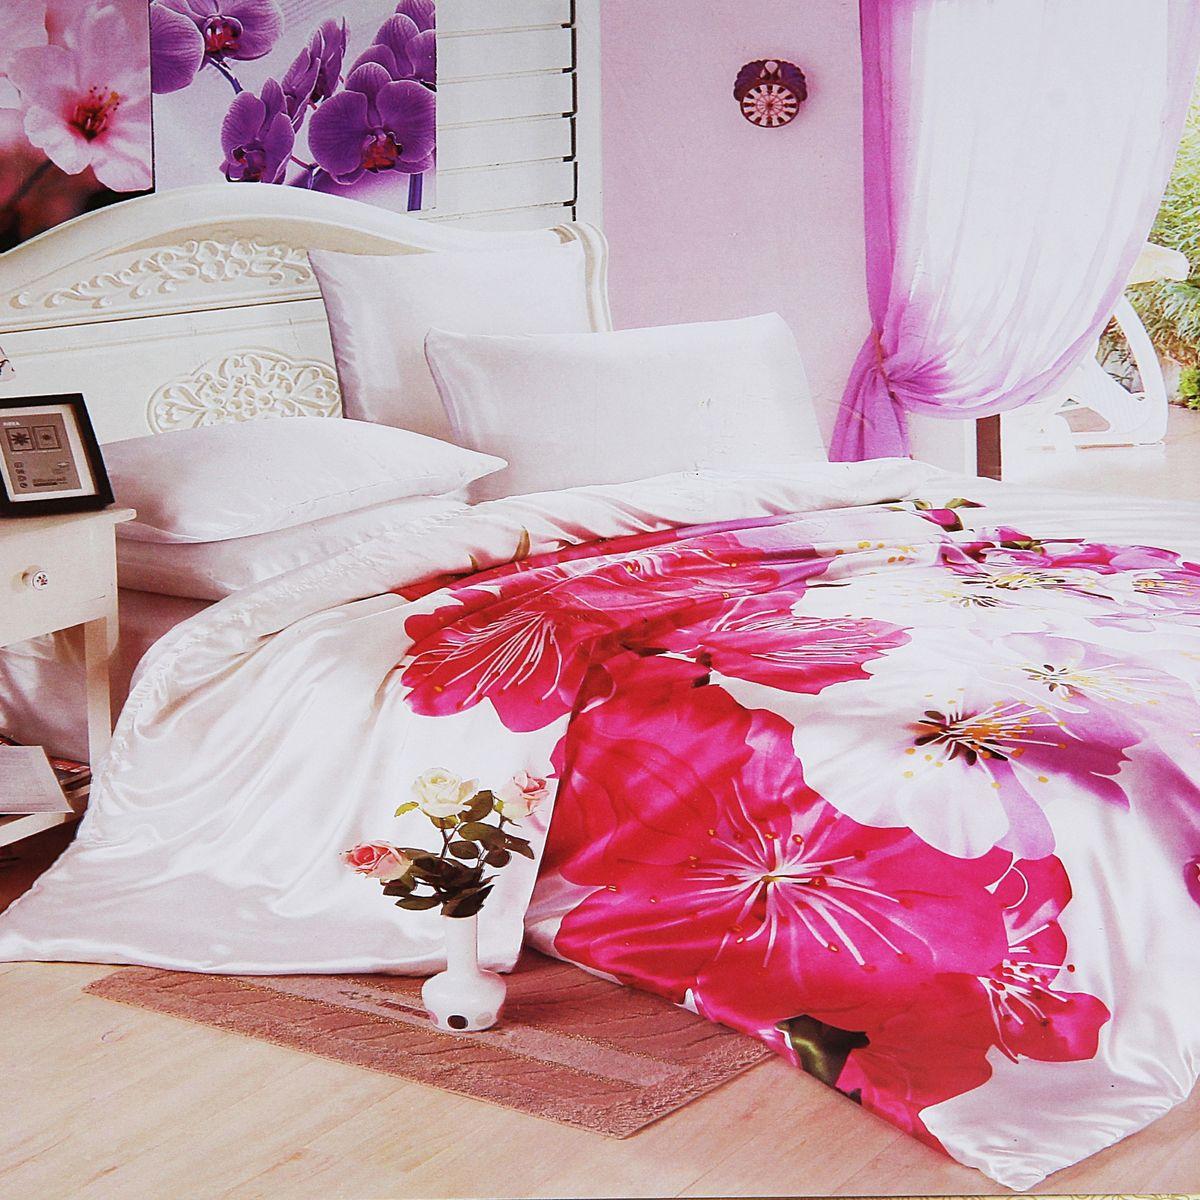 Комплект белья Этель Цветение, евро, наволочки 70x70, 50х70, цвет: розовый, белыйCA-3505Комплект постельного белья Этель Цветение состоит из пододеяльника на молнии, простыни и четырех наволочек.Удивительной красоты 3D рисунок, нанесенный на белье, сочетает в себе нежность и теплоту. Постельное белье Этель Цветение создано для романтичных натур, которые любят изысканный дизайн. Белье изготовлено из искусственного шелка, отвечающего всем необходимым нормативным стандартам.Шелковая ткань очень прочная и мягкая, ее особая структура делает пребывание в постели комфортным. Неоспоримым плюсом белья из такой ткани является легкость, оно не мнется и отлично впитывает влагу, обеспечивает хорошую циркуляцию воздуха. Ткань устойчива к воздействию света (не выцветает и не линяет), сохраняя первозданную яркость красок. При соблюдении рекомендаций по уходу белье выдерживает много стирок, не теряет свою прочность. Уникальная ткань обеспечивает легкую глажку.Приобретая комплект постельного белья Этель Цветение, вы можете быть уверены в том, что покупка доставит вам ивашим близким удовольствие и подарит максимальный комфорт.